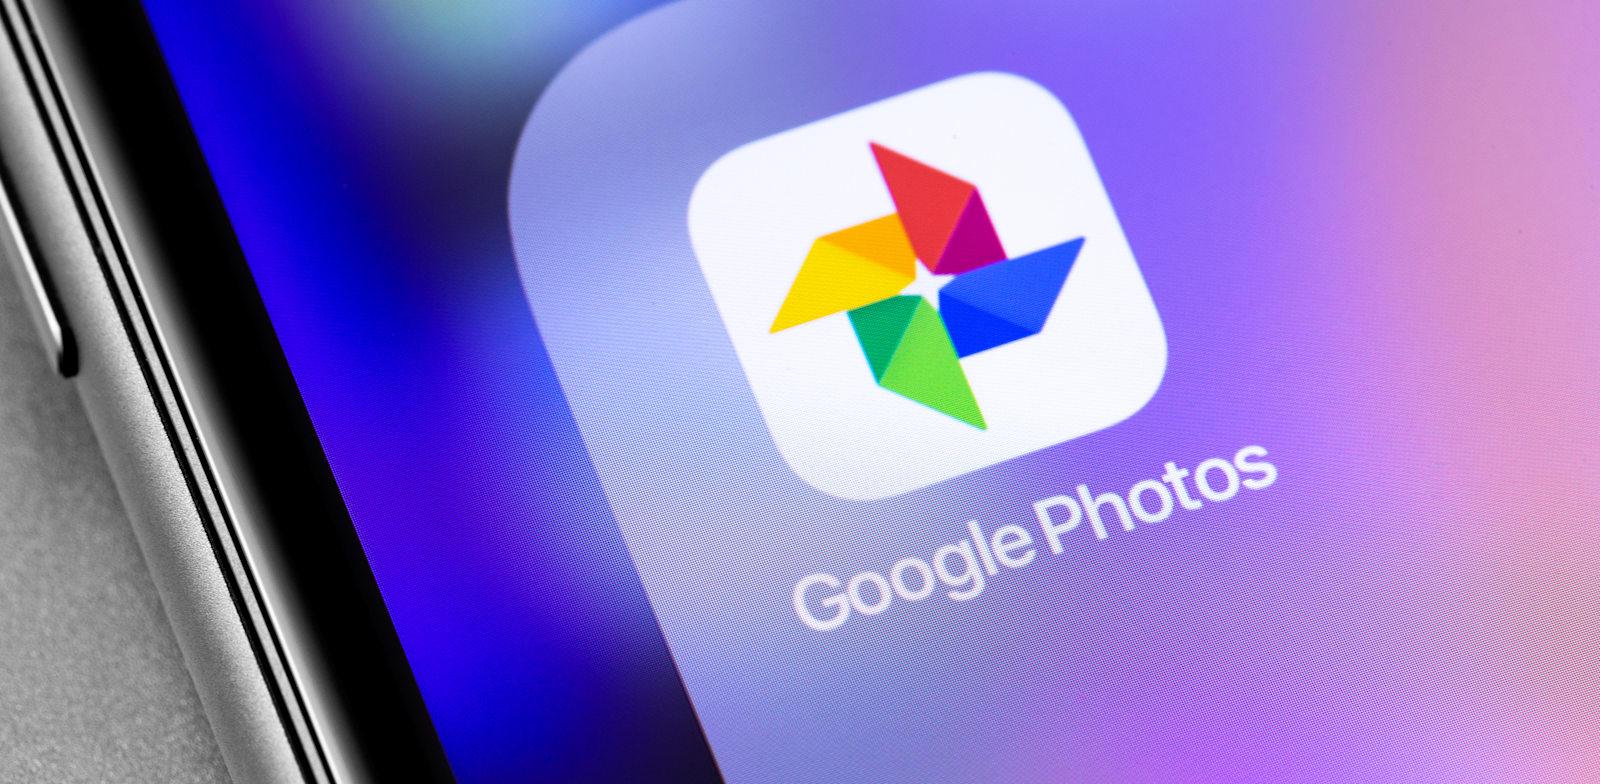 גוגל פוטוס. מדי שבוע מועלים 28 מיליארד תמונות וסרטונים חדשים / צילום: Shutterstock, Primakov